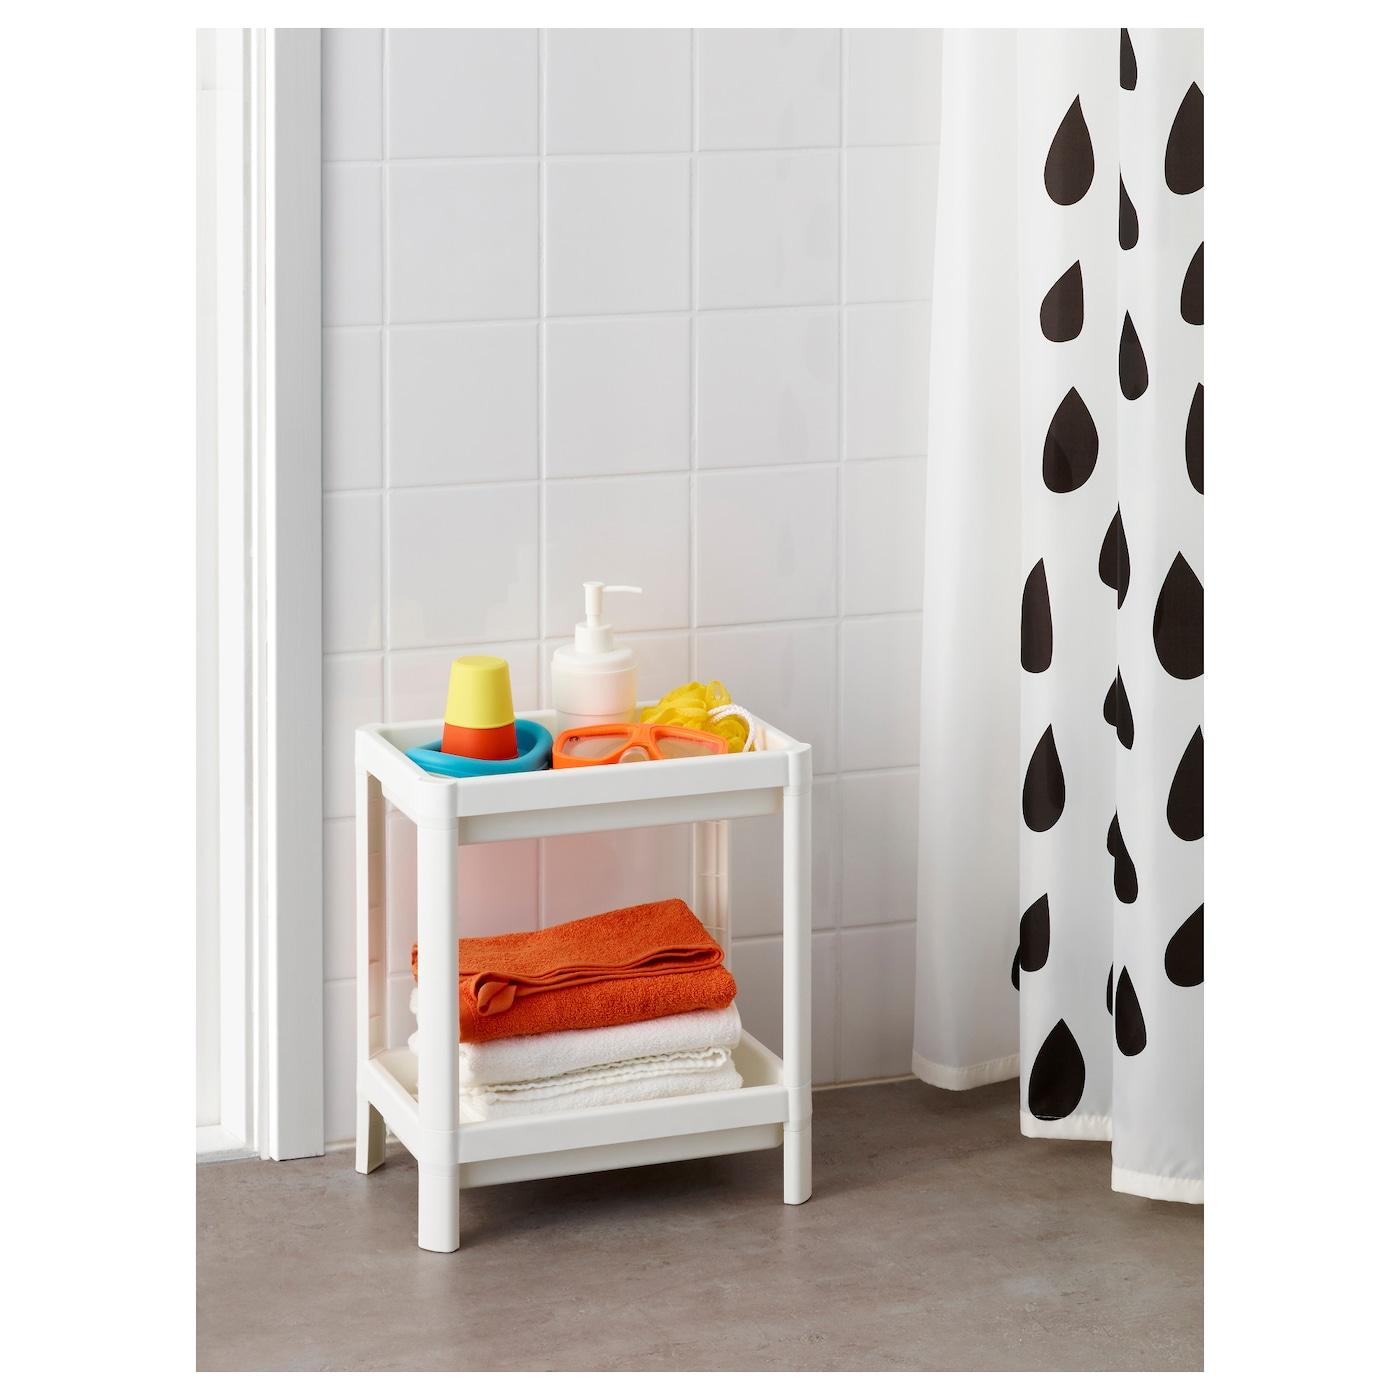 VESKEN Open kast Wit 36x23x40 cm - IKEA